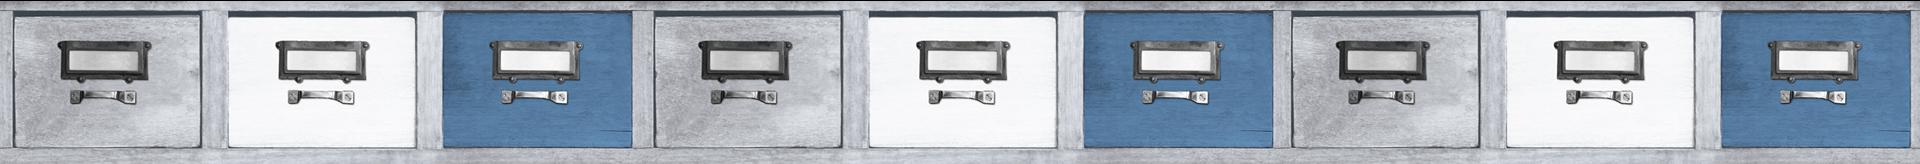 Tiroirs, décoration salle d'escape game